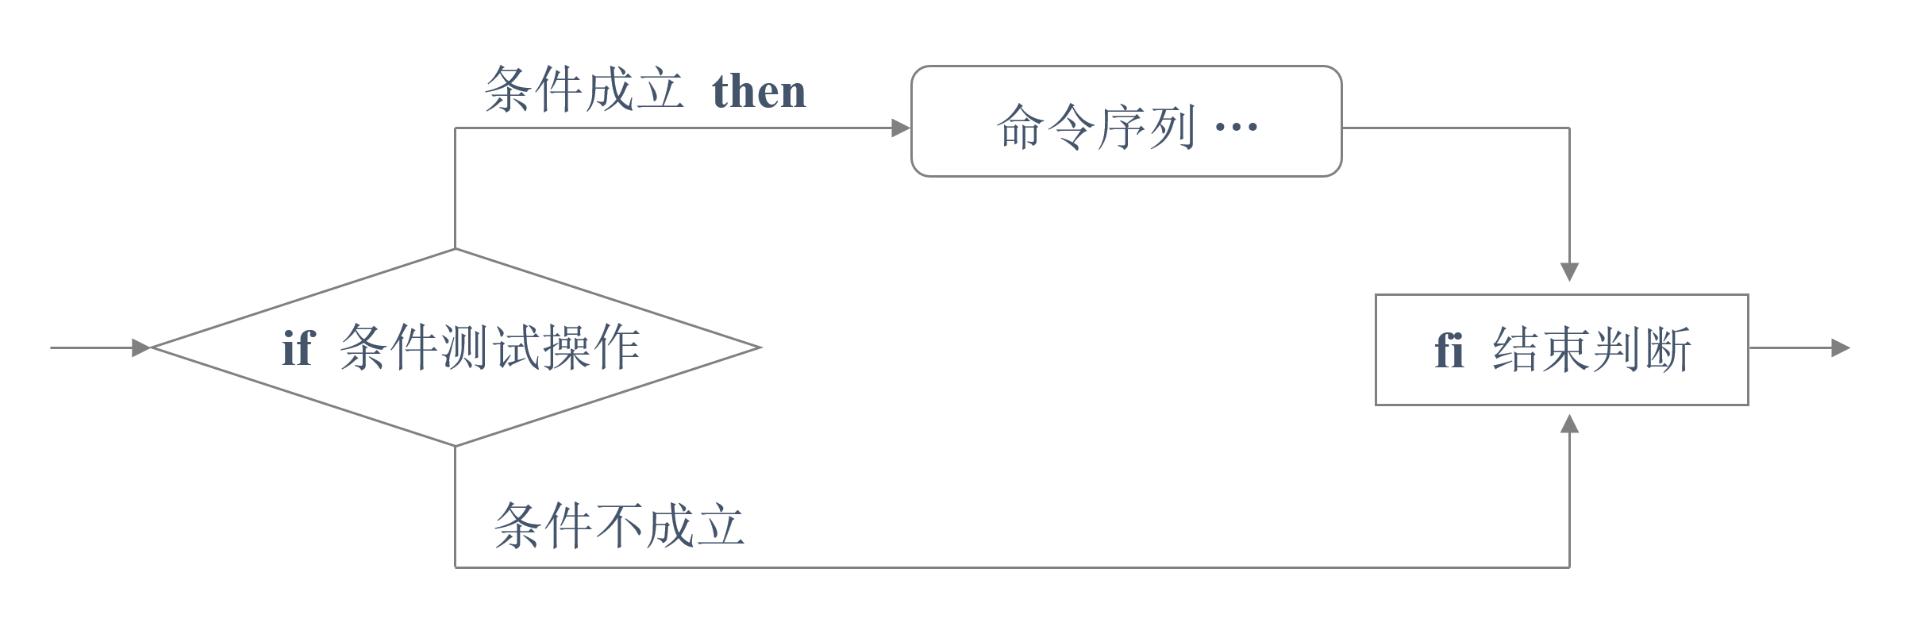 Shell脚本的条件测试和if条件语句使用